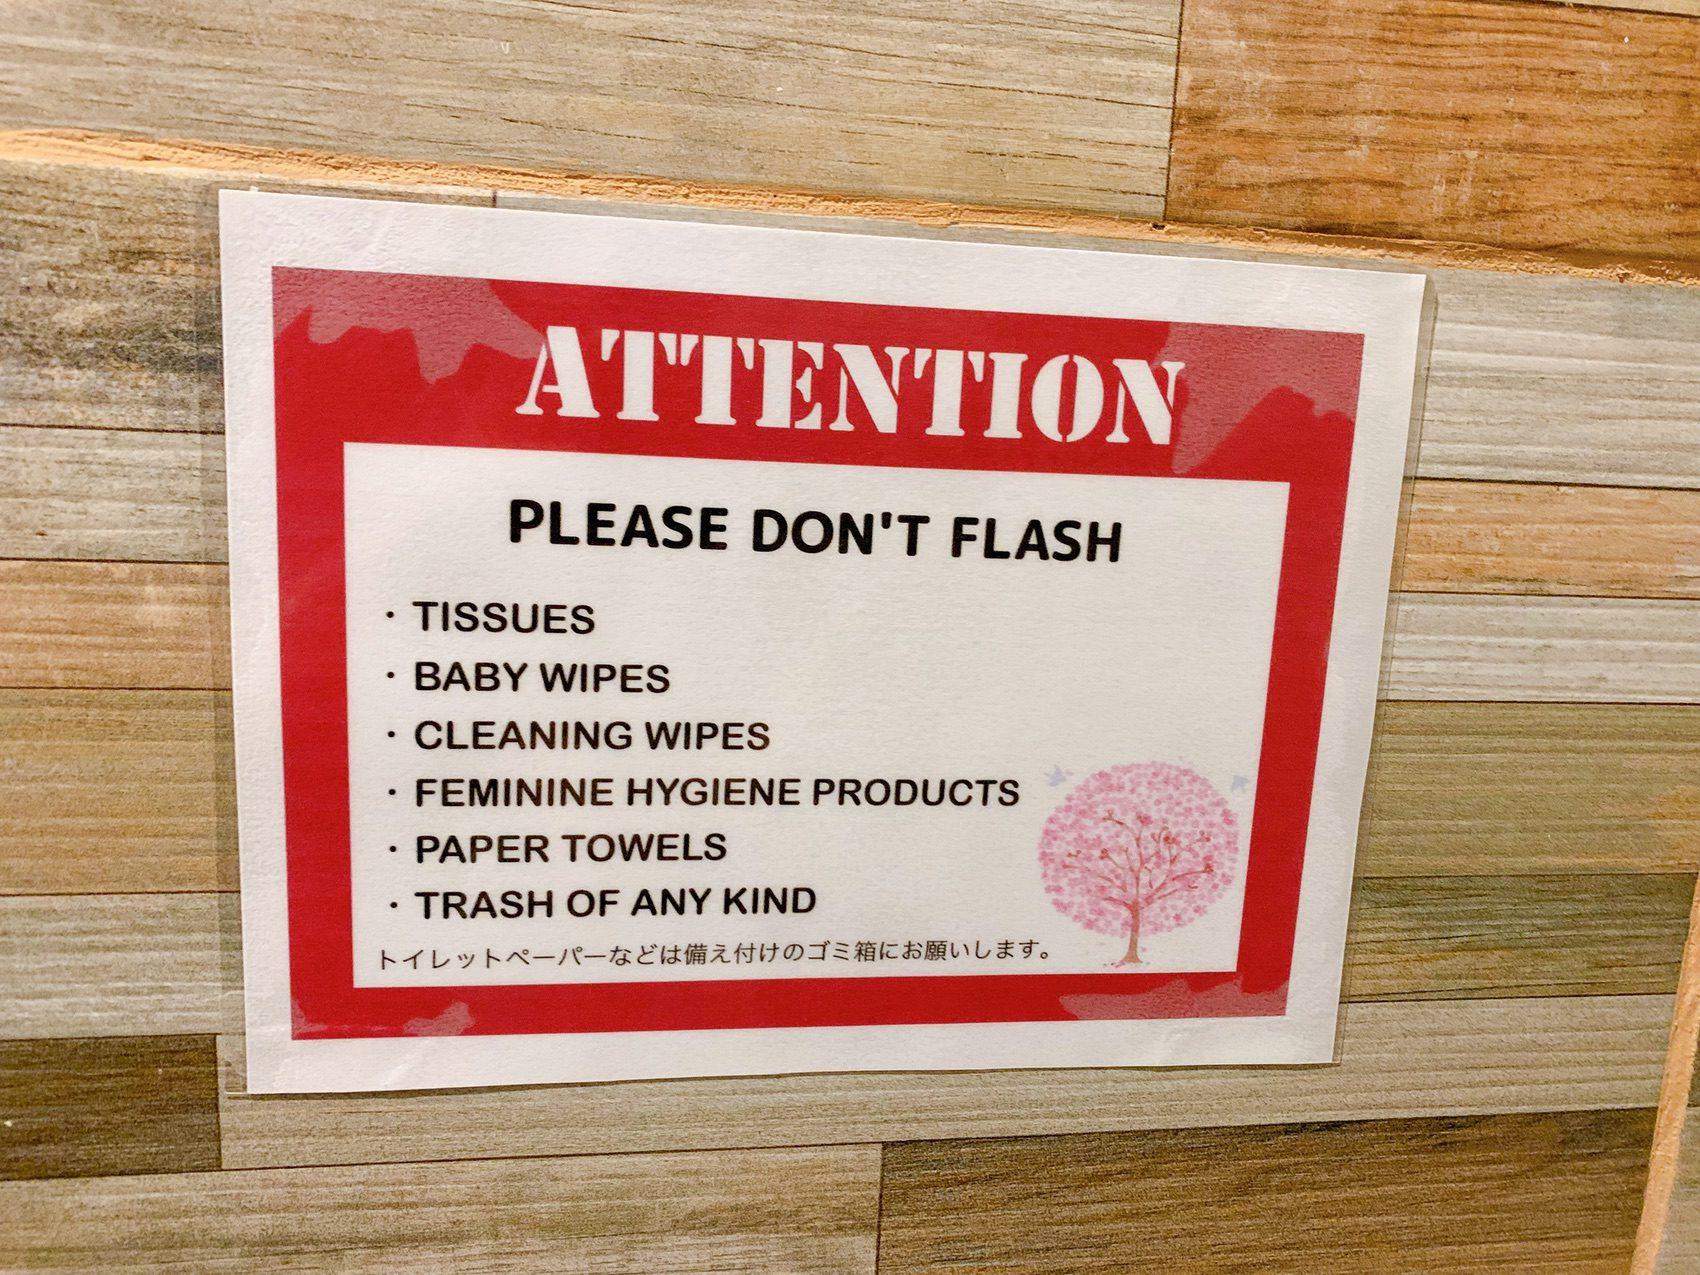 「トイレットペーパーを流さないで!」の注意書き